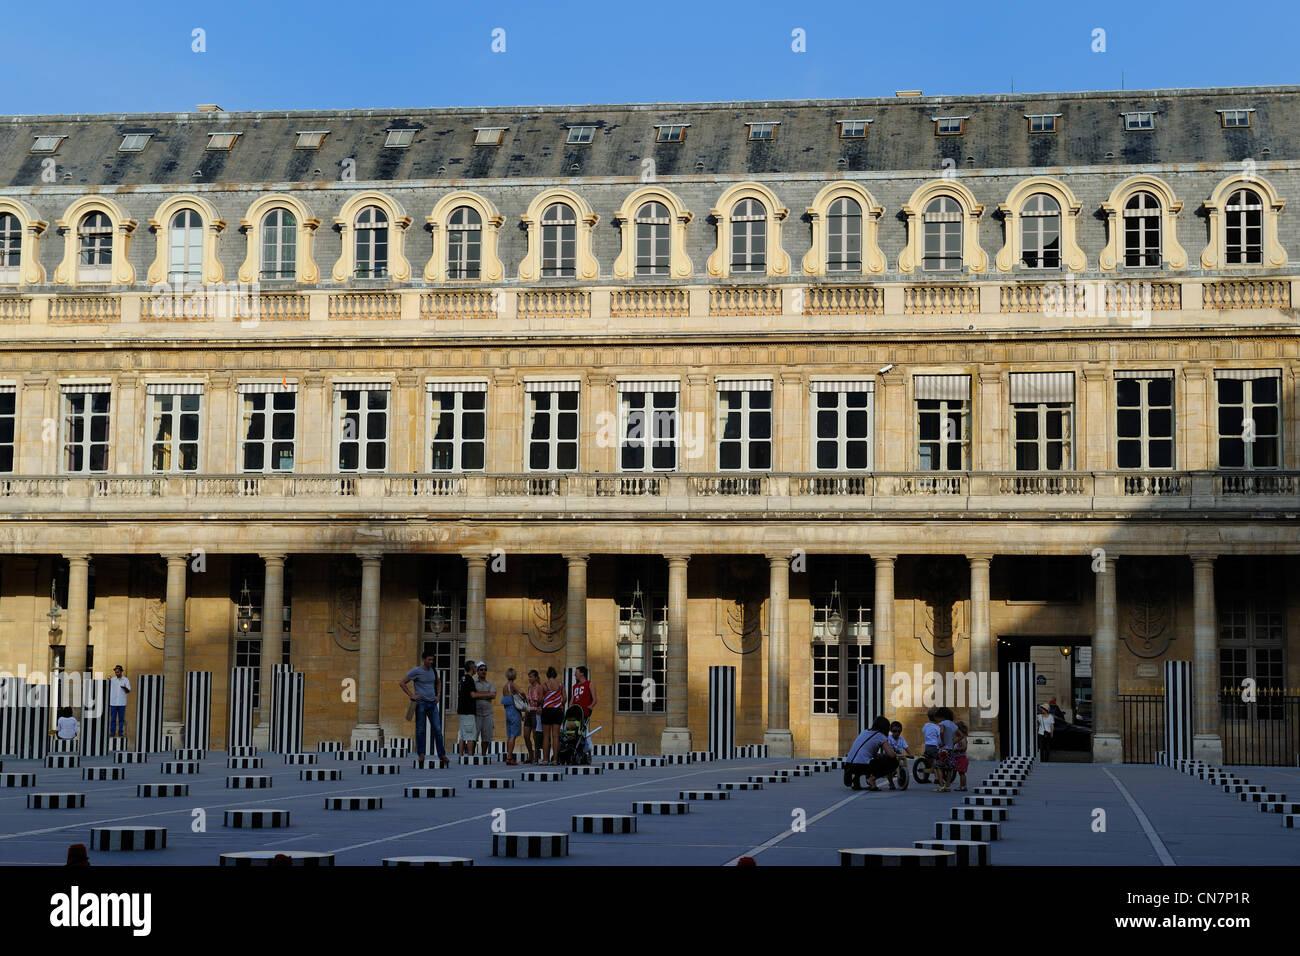 France, Paris, Palais Royal, Buren column - Stock Image